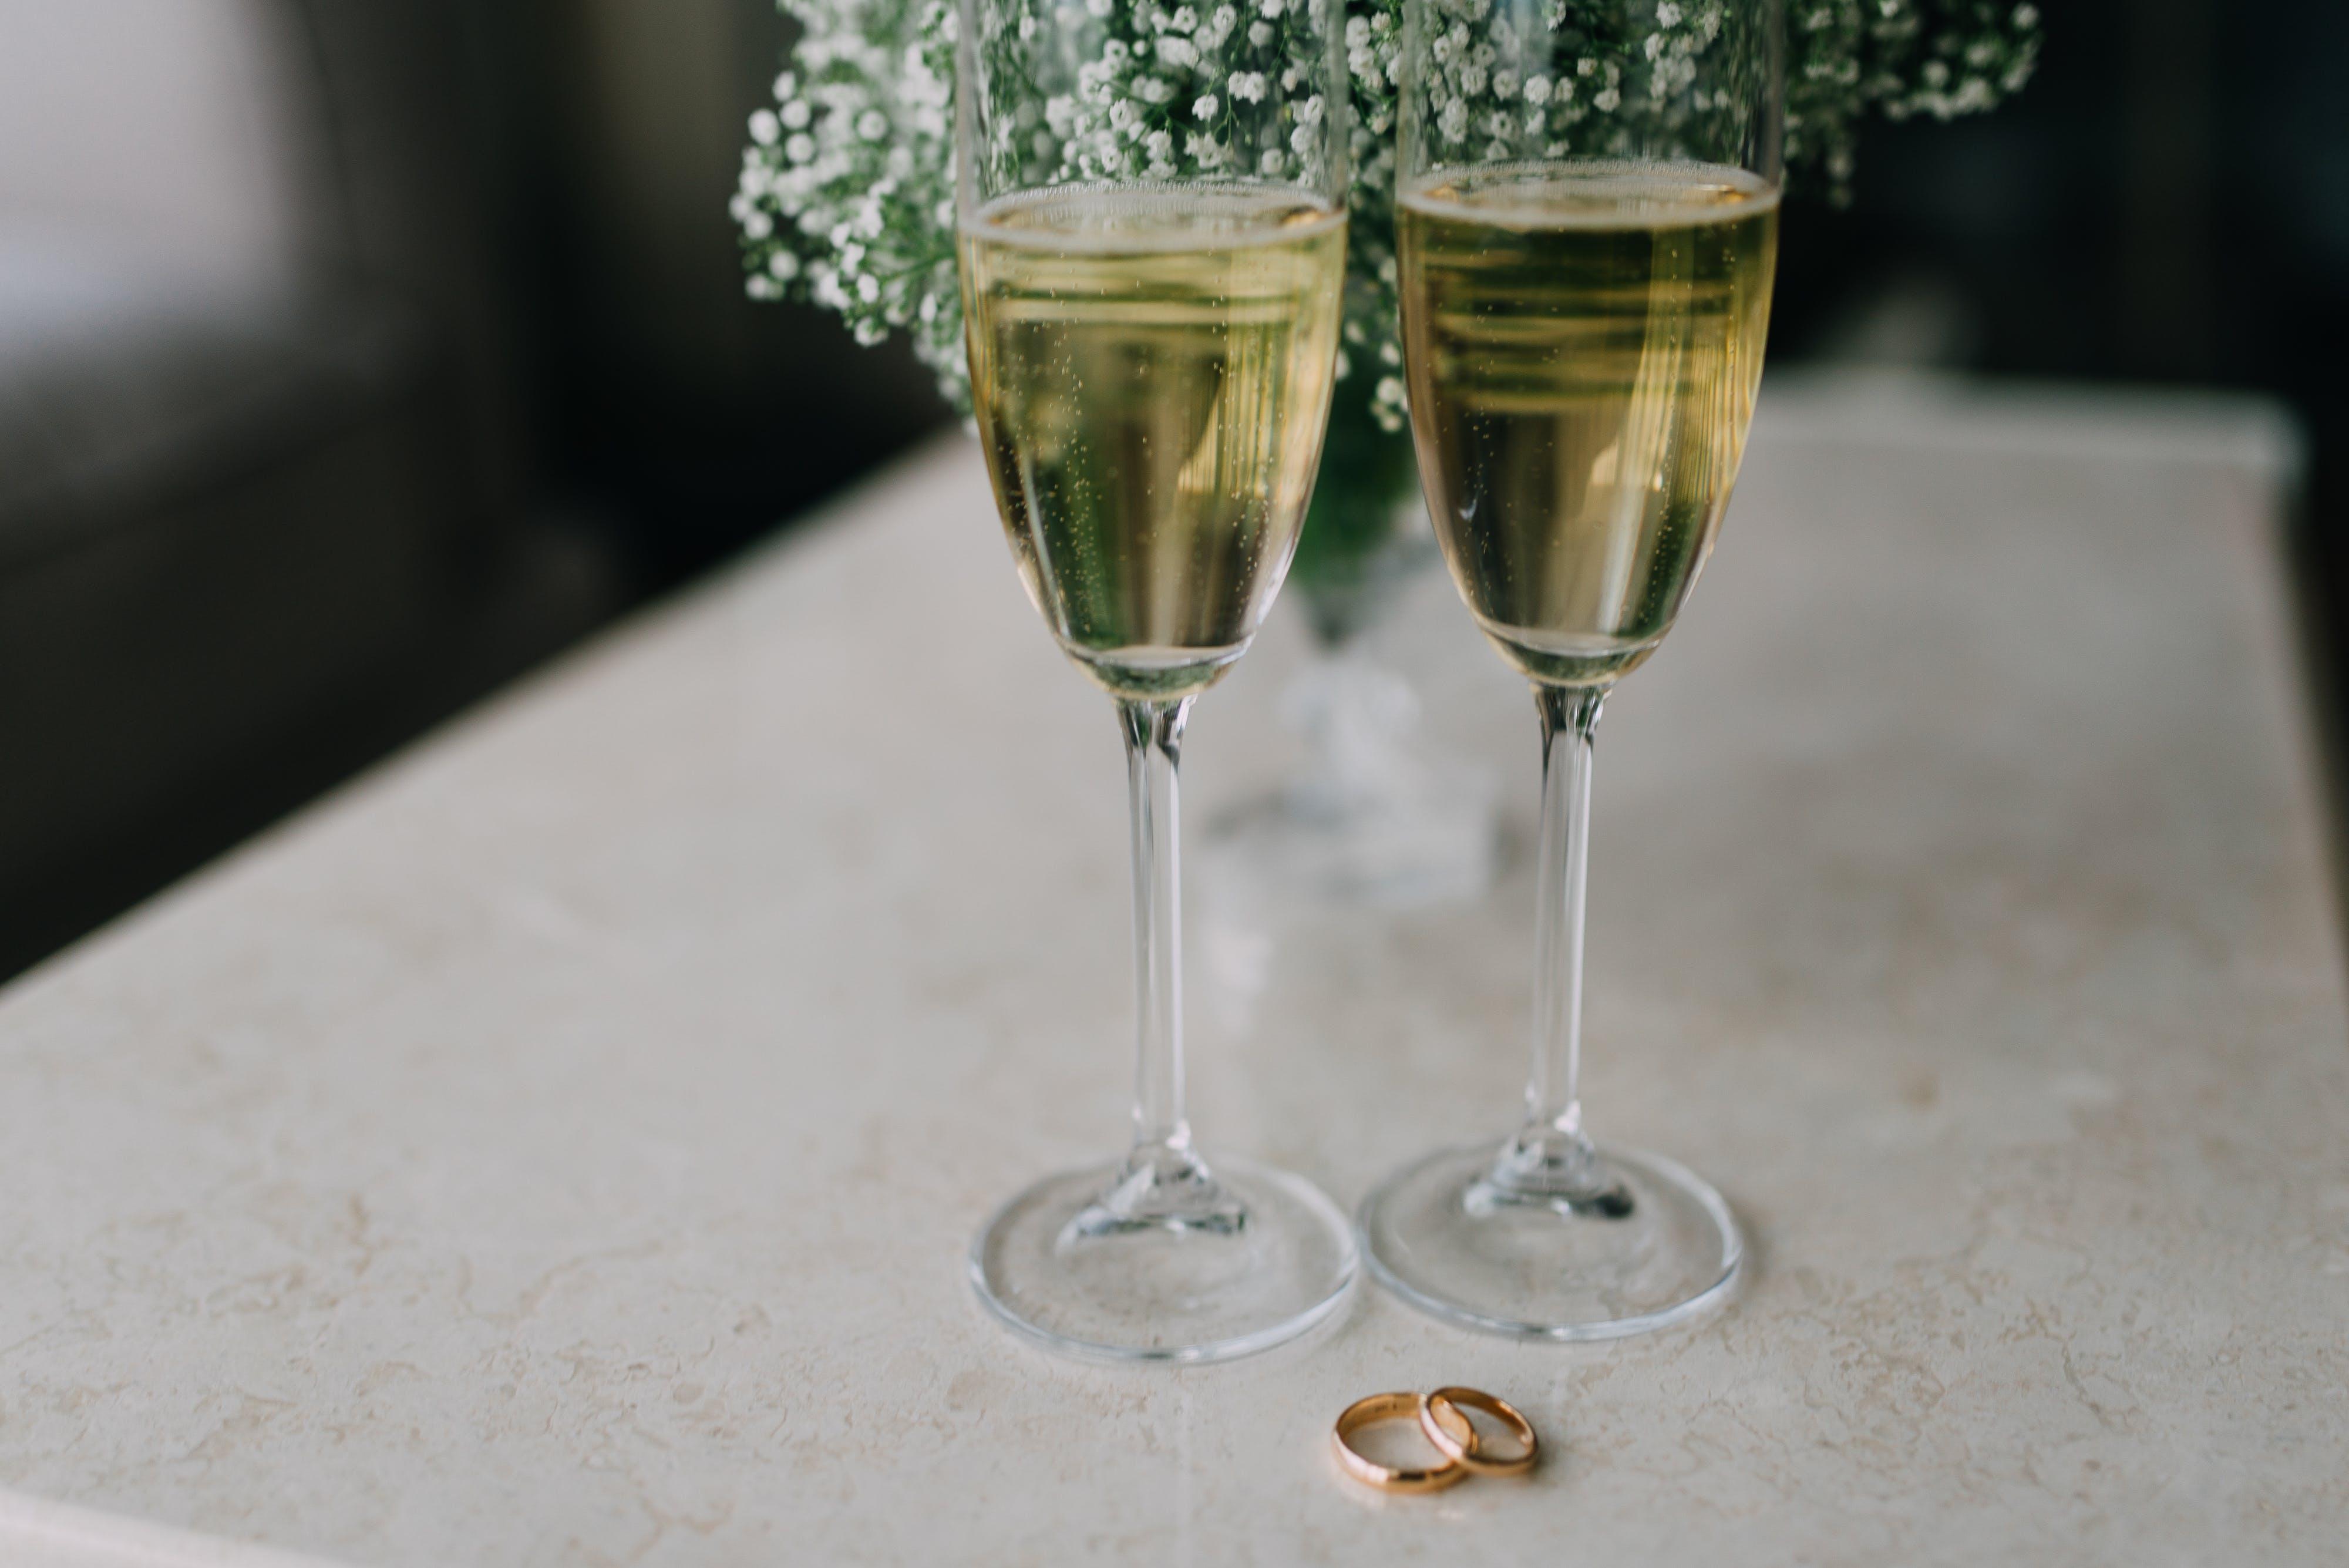 Kostnadsfri bild av alkoholhaltiga drycker, champagne, drycker, firande